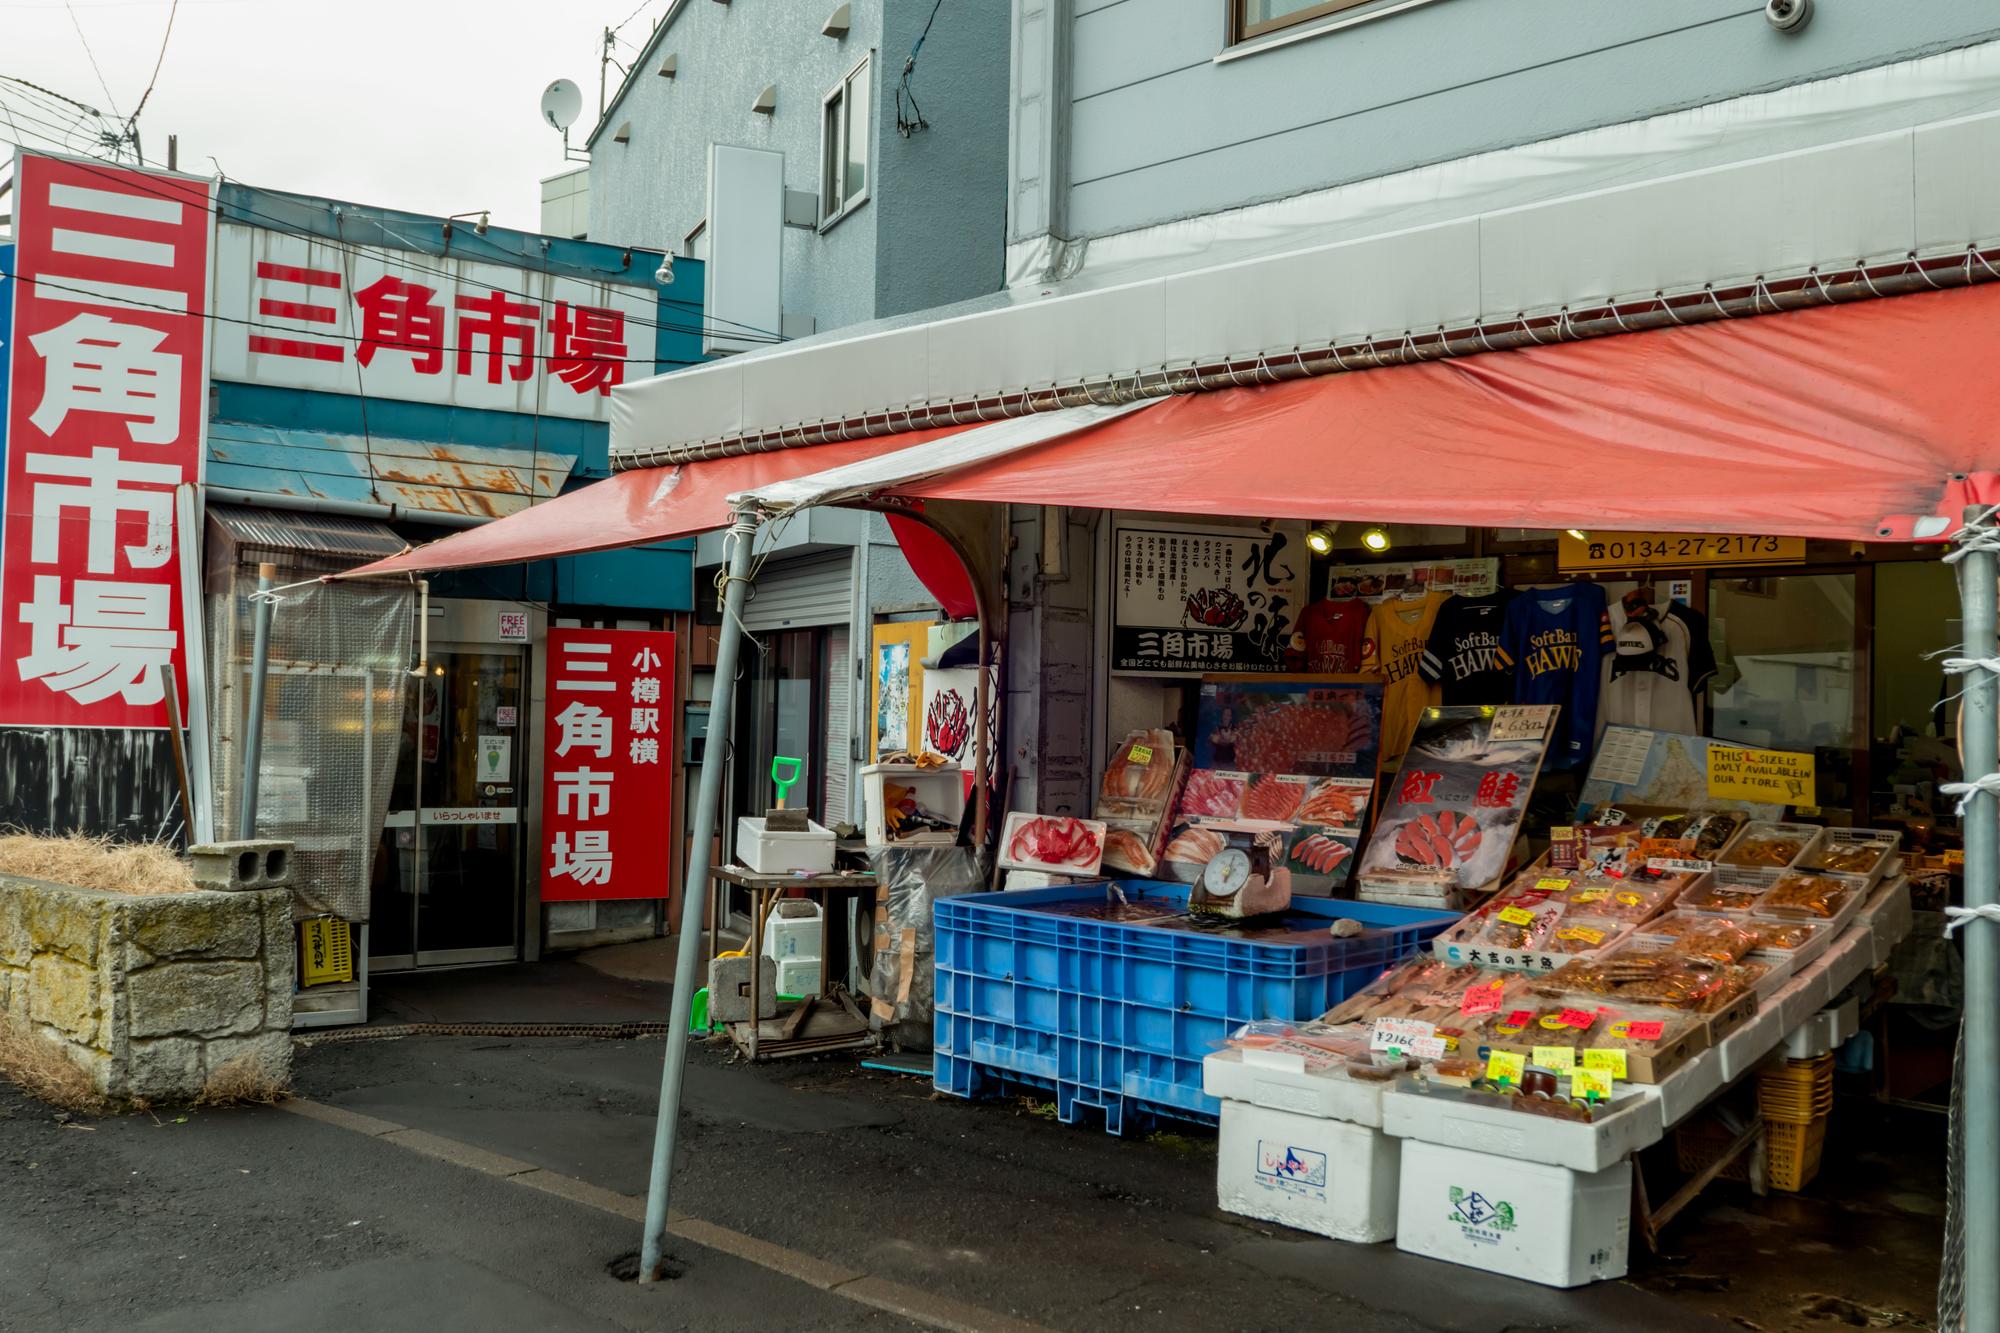 三角市場 北海道小樽市 入口 カニ売店 横